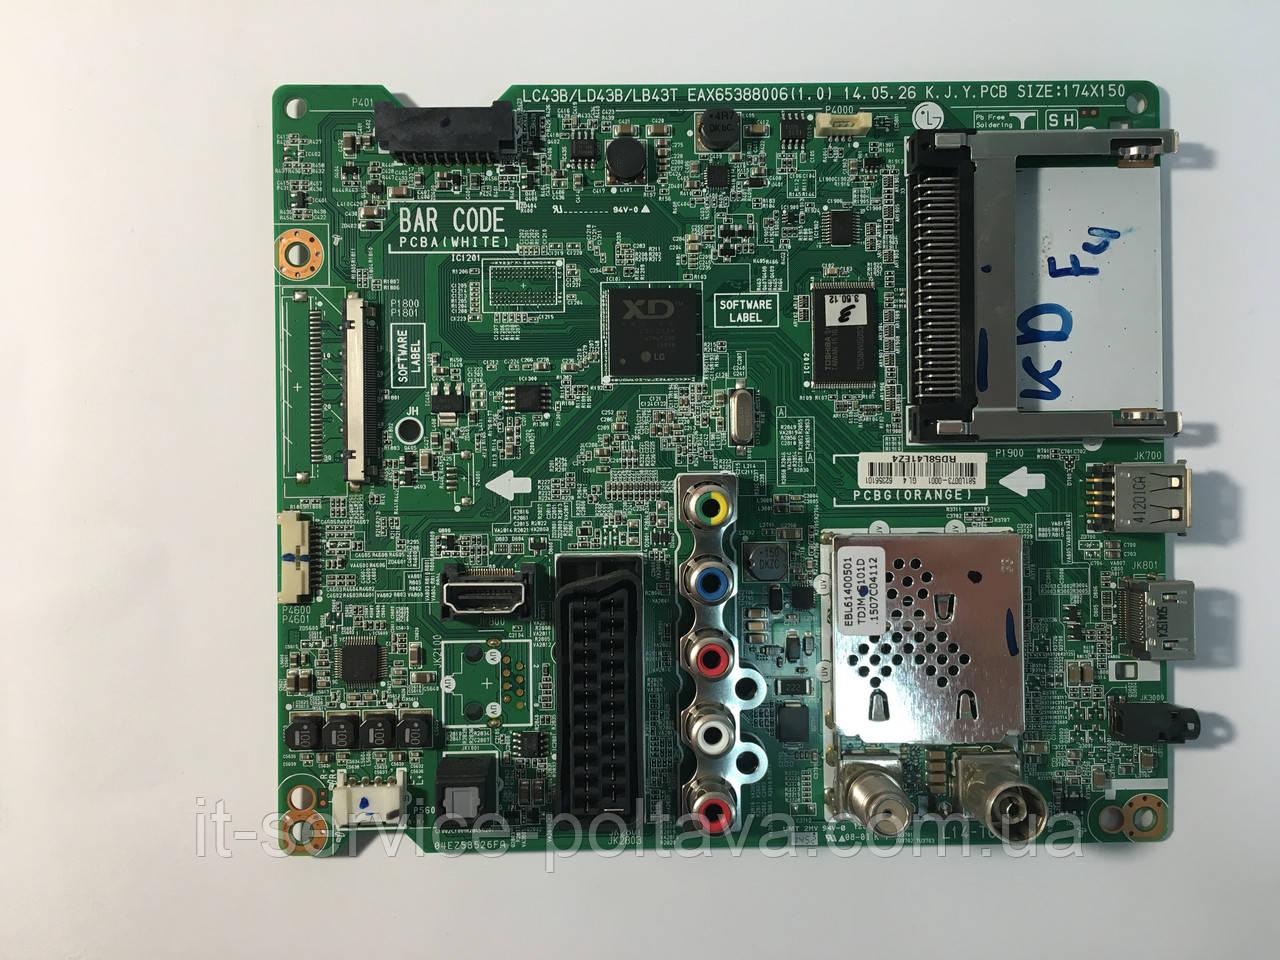 Материнська плата MAIN LC43B/LD43B/LB43T EAX65388006(1.0) 14.05.26 K.J.Y PCB SIZE: 174X150  LG47LB561V-ZE